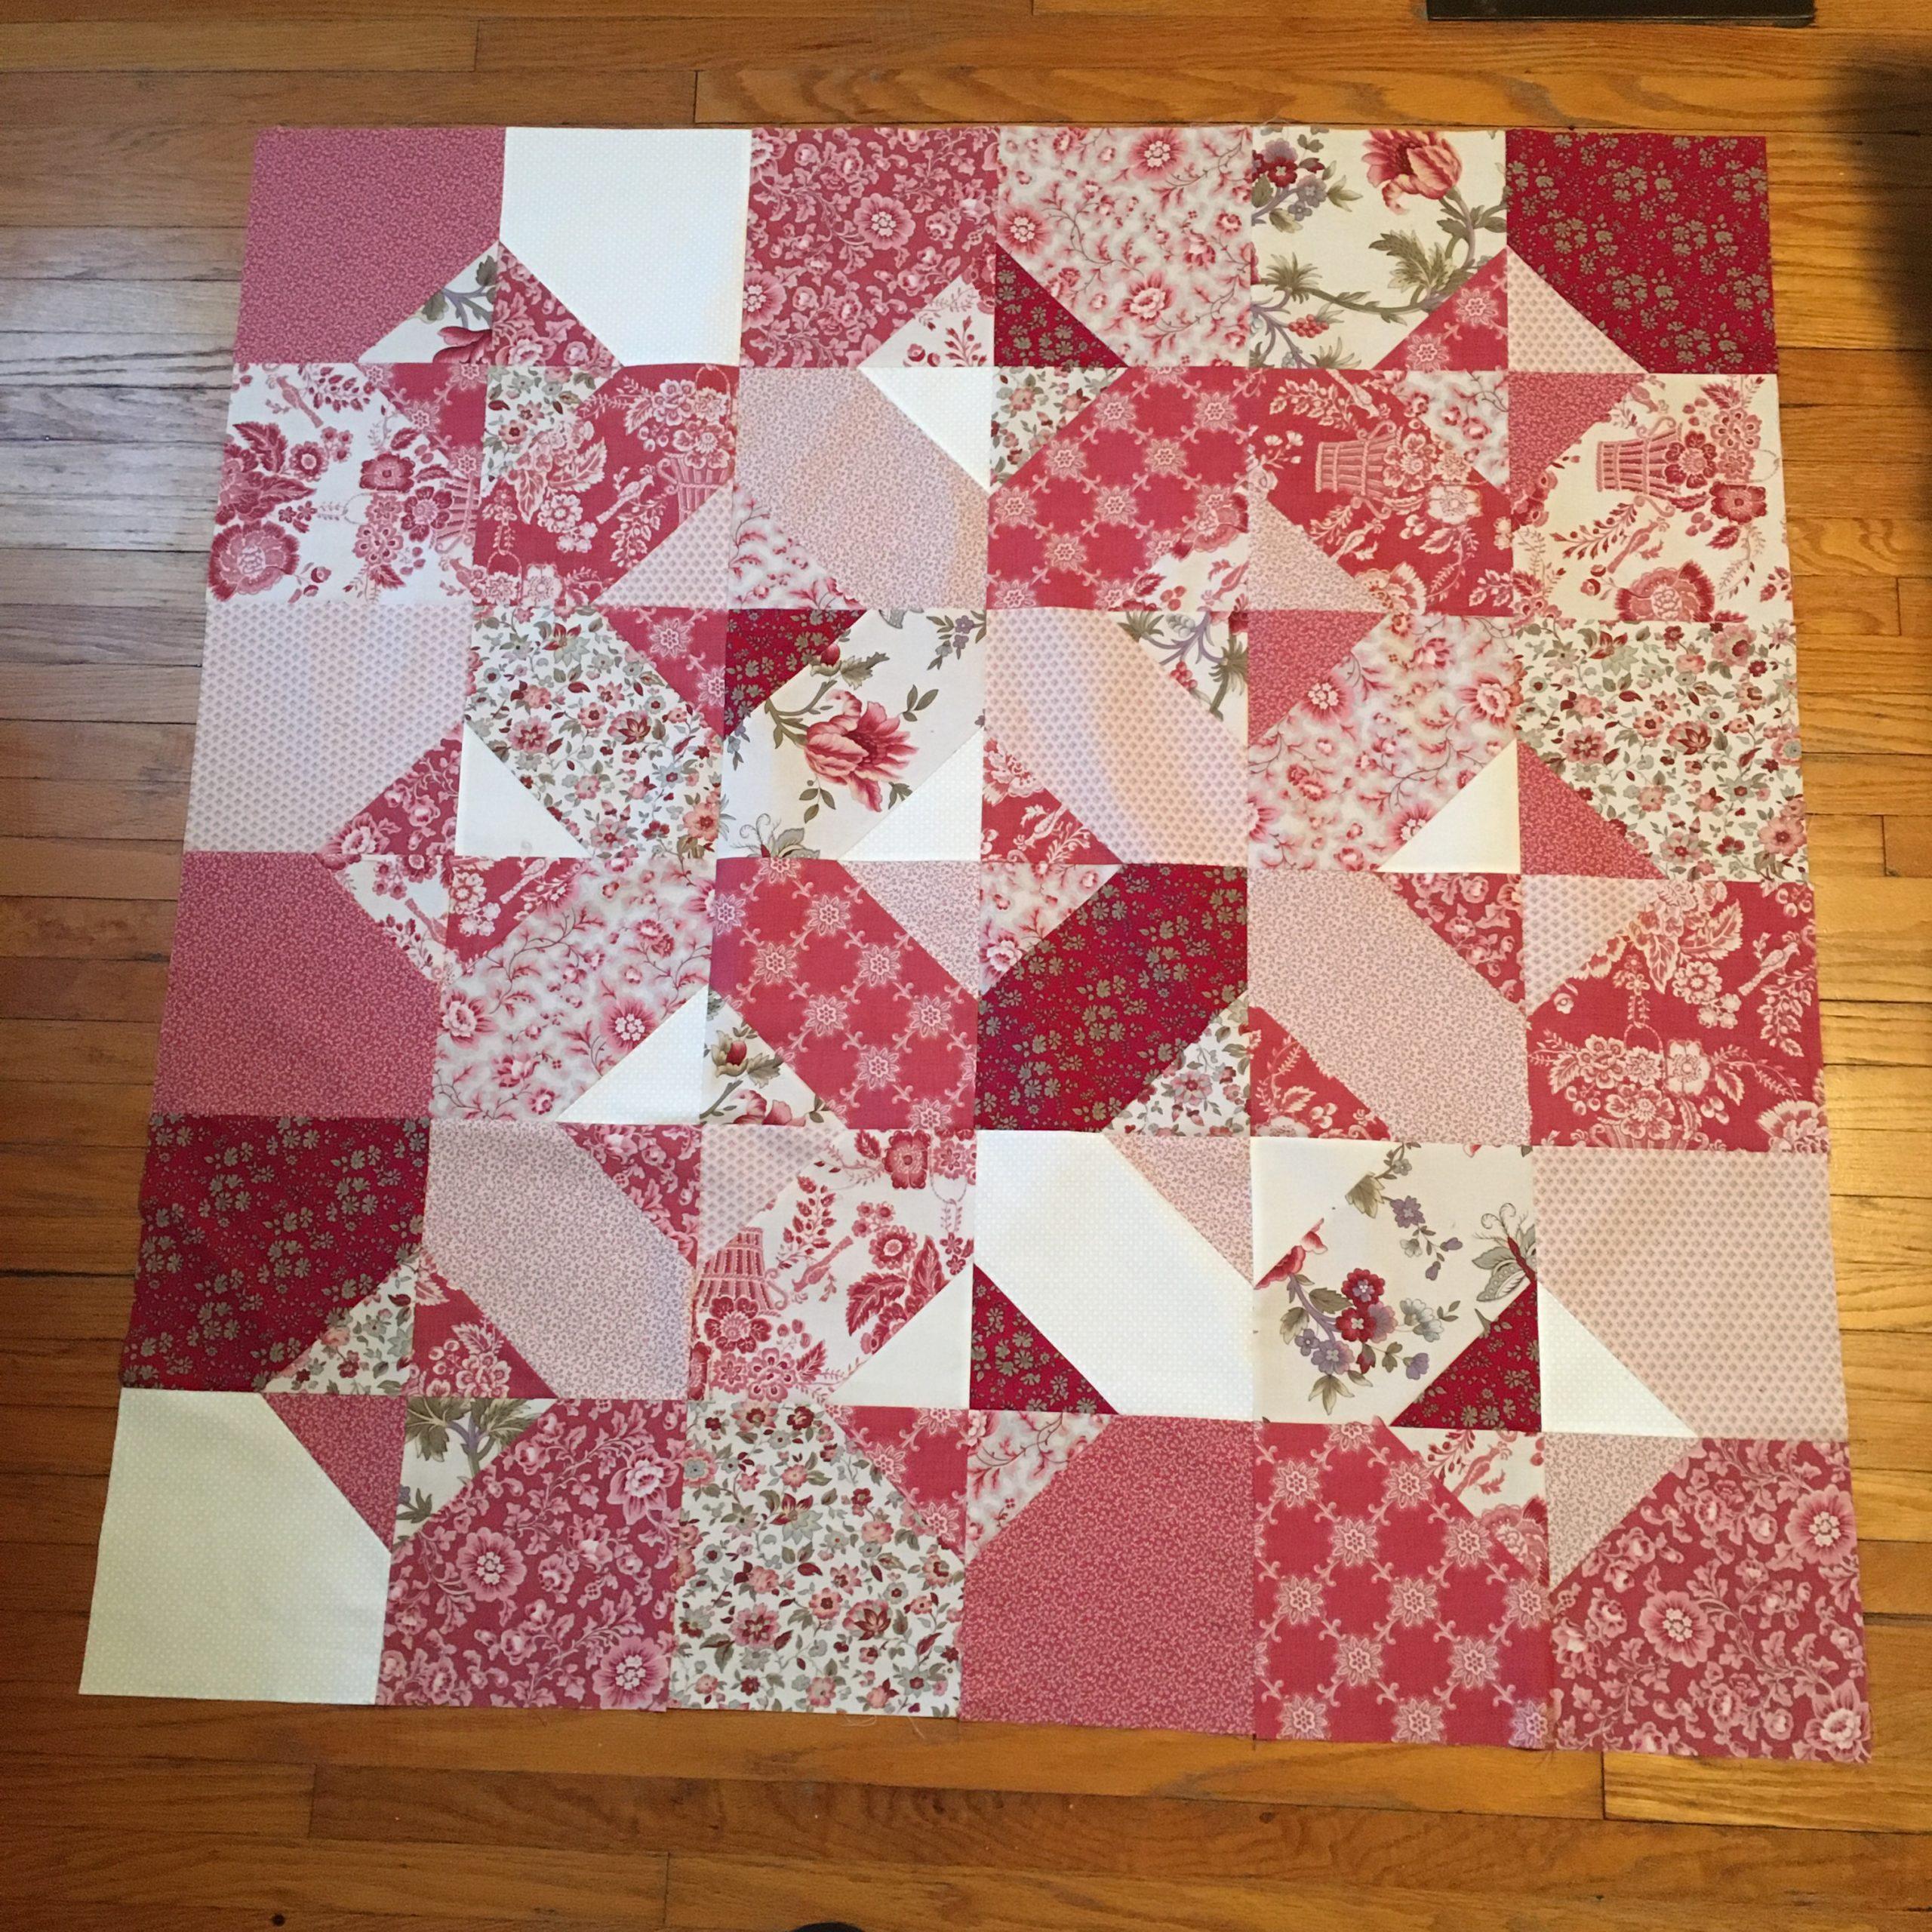 Final quilt top